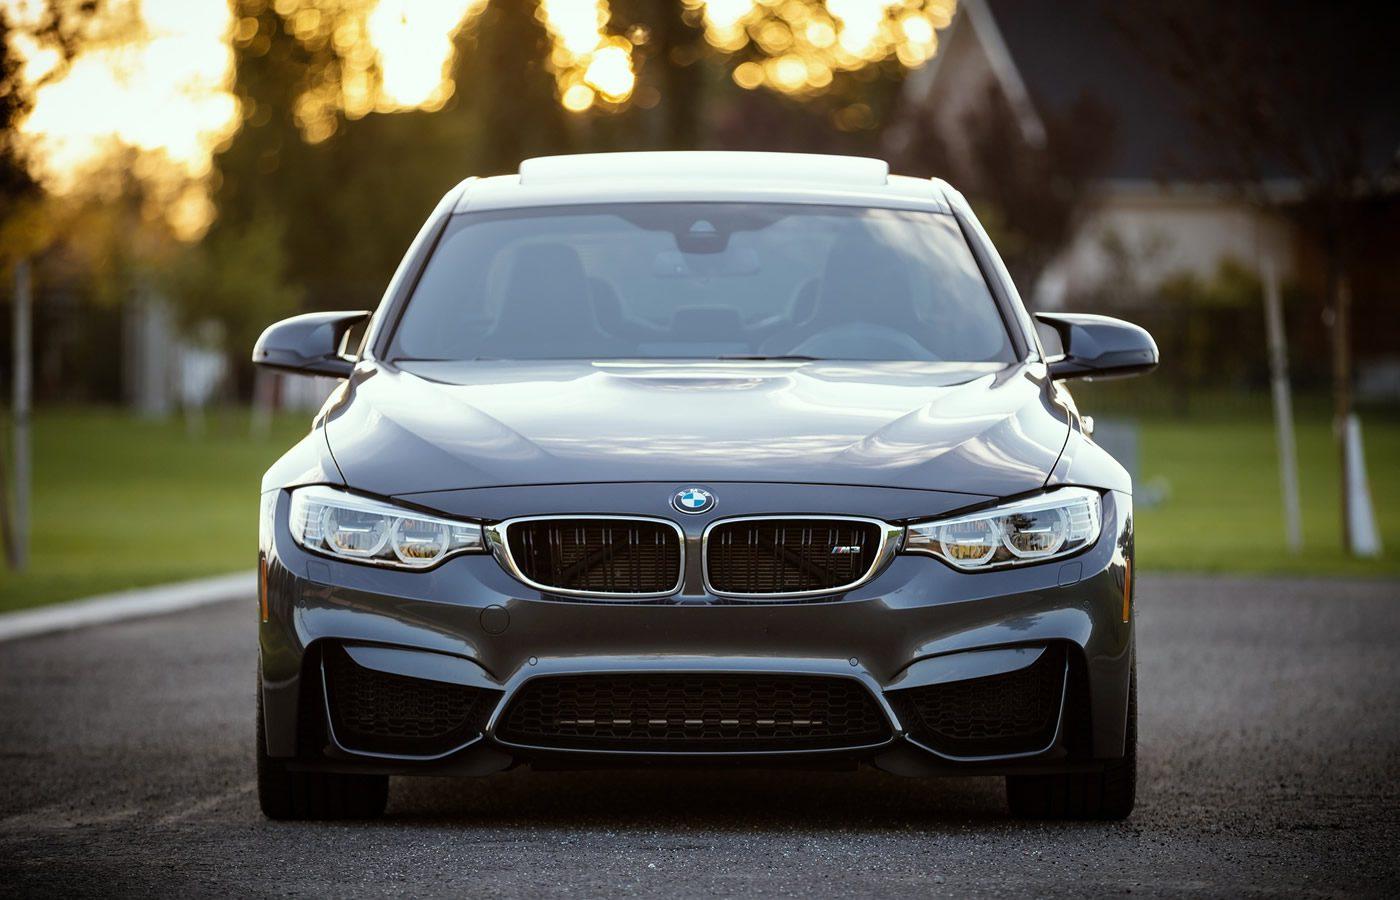 Jesus Take the Wheel of my BMW